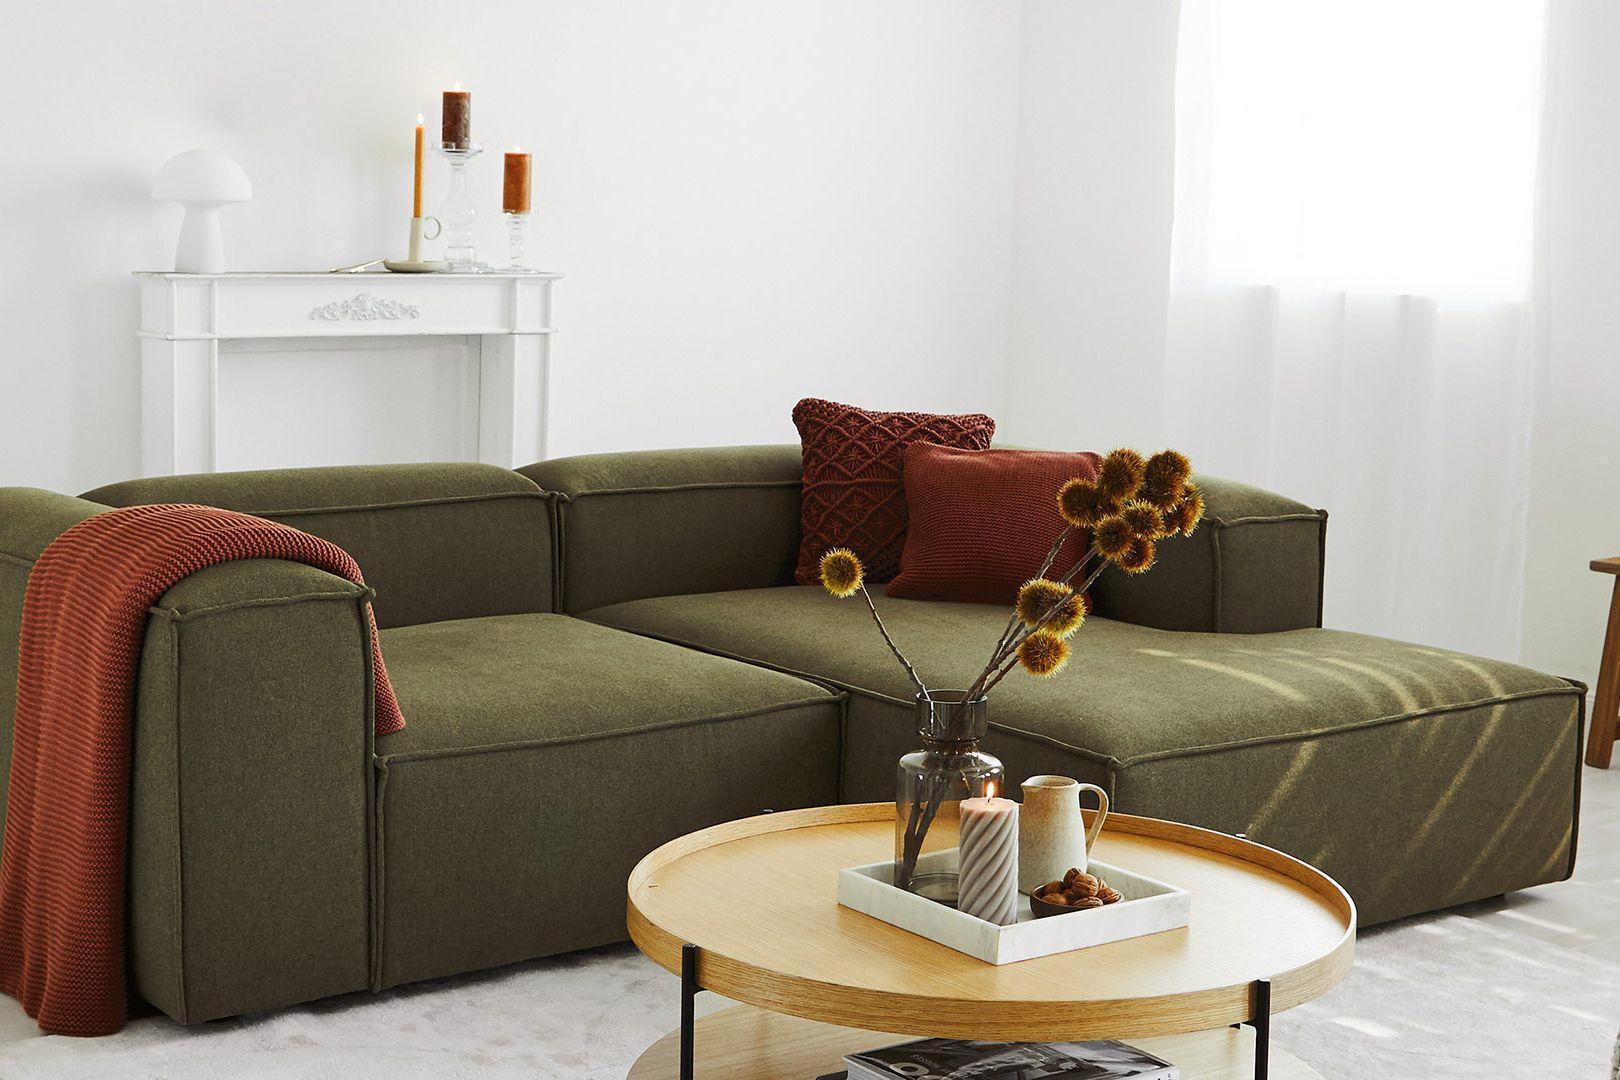 Sofa-Star in Grün